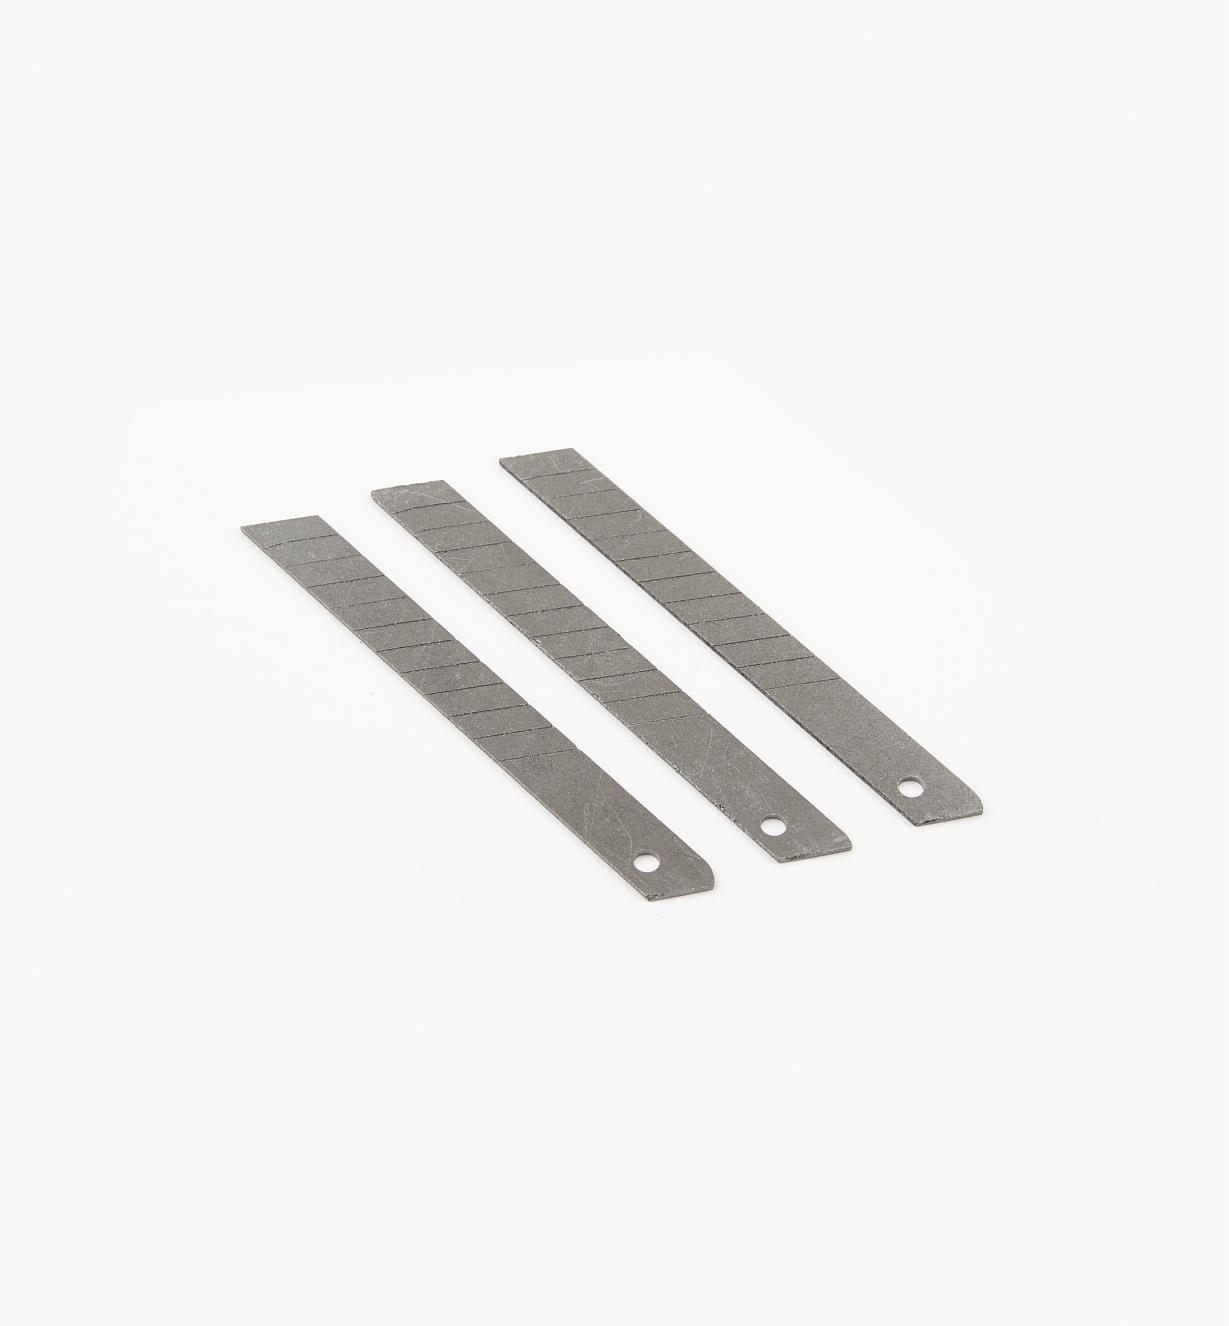 61N0332 - Pencil Blades, pkg. of 3